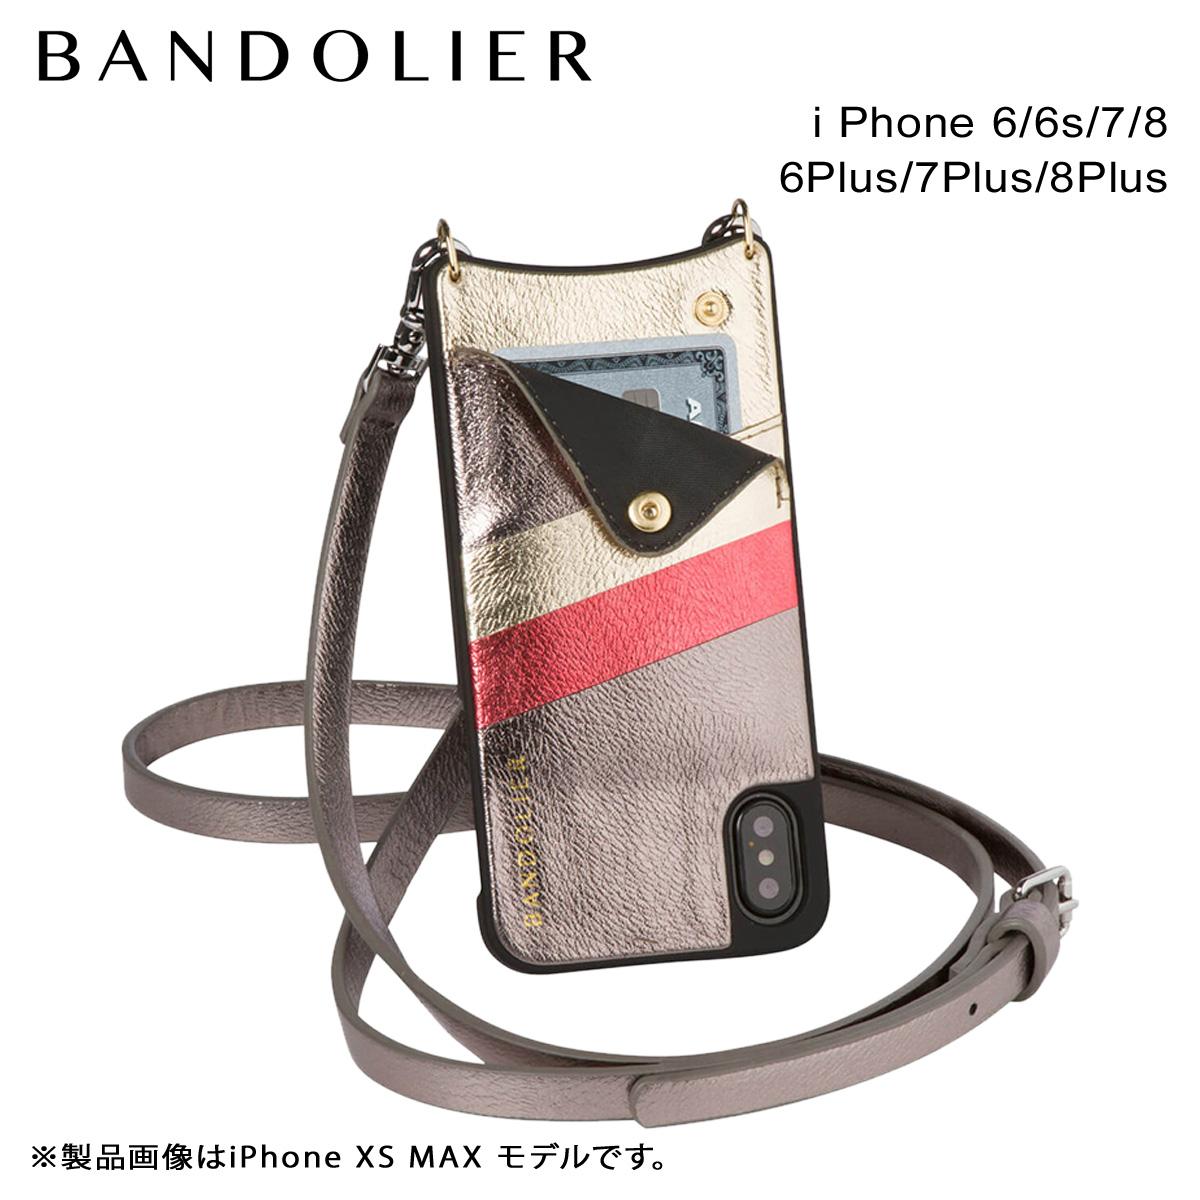 BANDOLIER EMMA ASH RAINBOW バンドリヤー iPhone8 iPhone7 7Plus 6s ケース スマホ アイフォン プラス メンズ レディース アッシュ 【決算セール 返品不可】